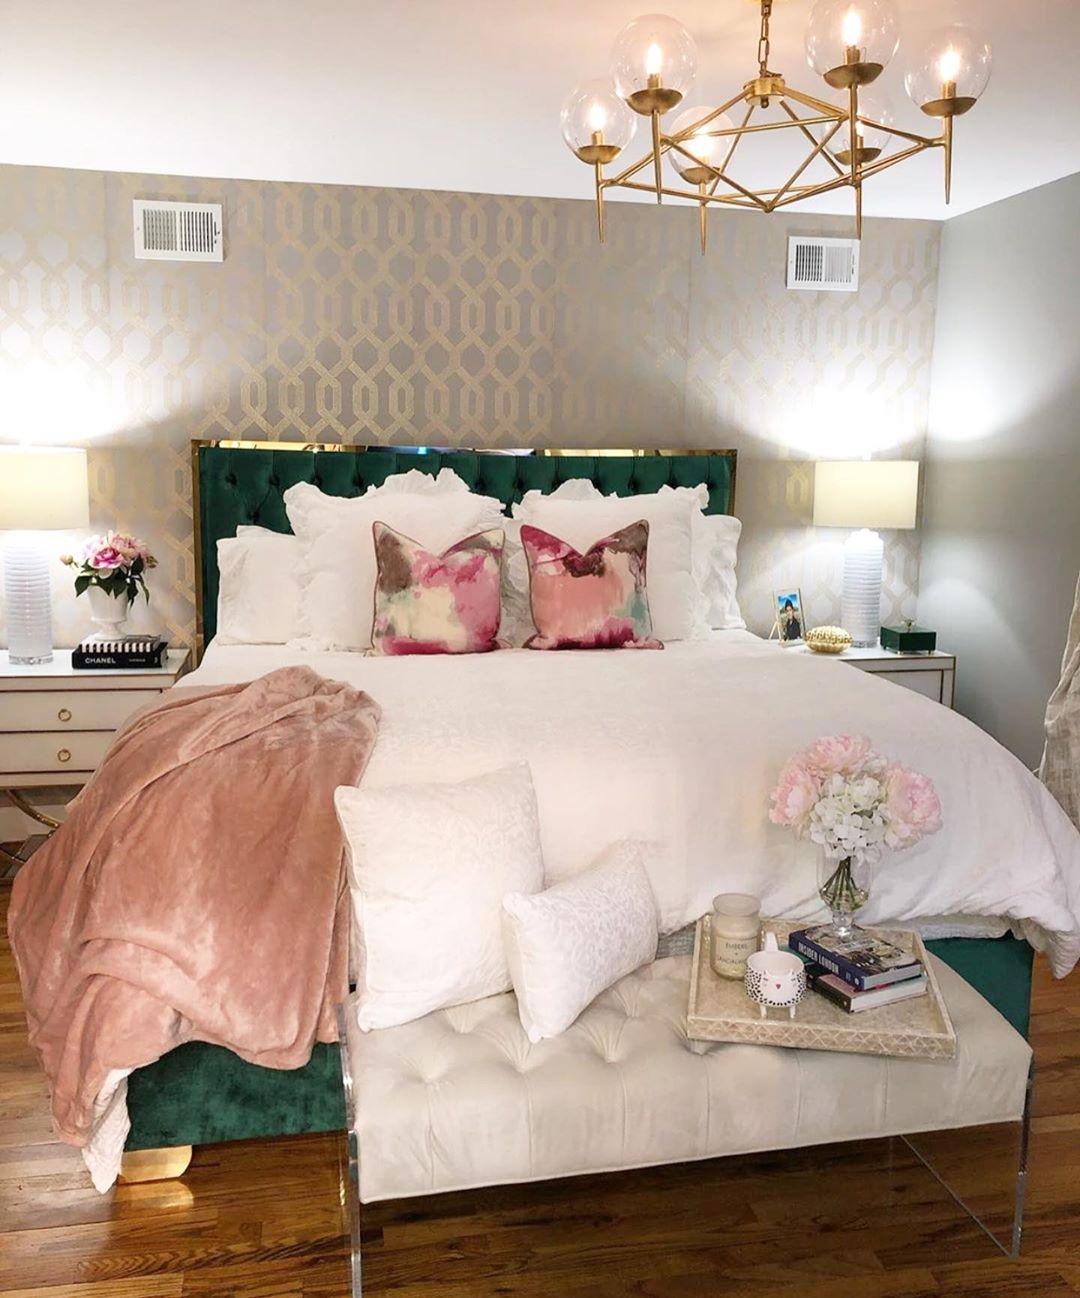 Los 6 errores de decoración que los diseñadores ven al entrar a tu dormitorio